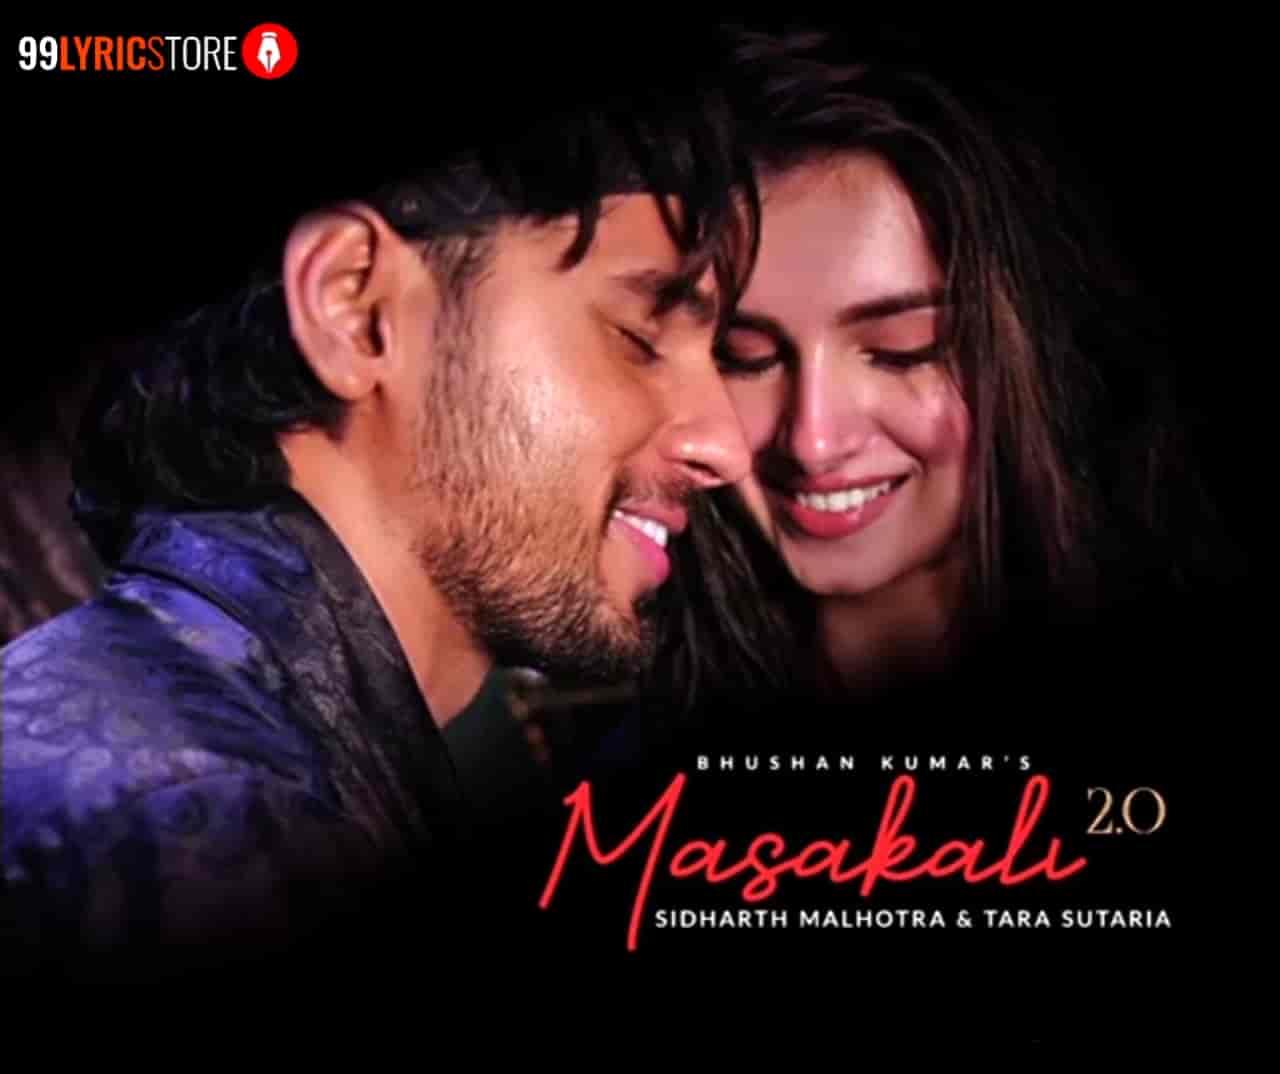 Masakali 2.0 Song Image By Sachet Tandon features Siddharth Malhotra and Tara Sutaria